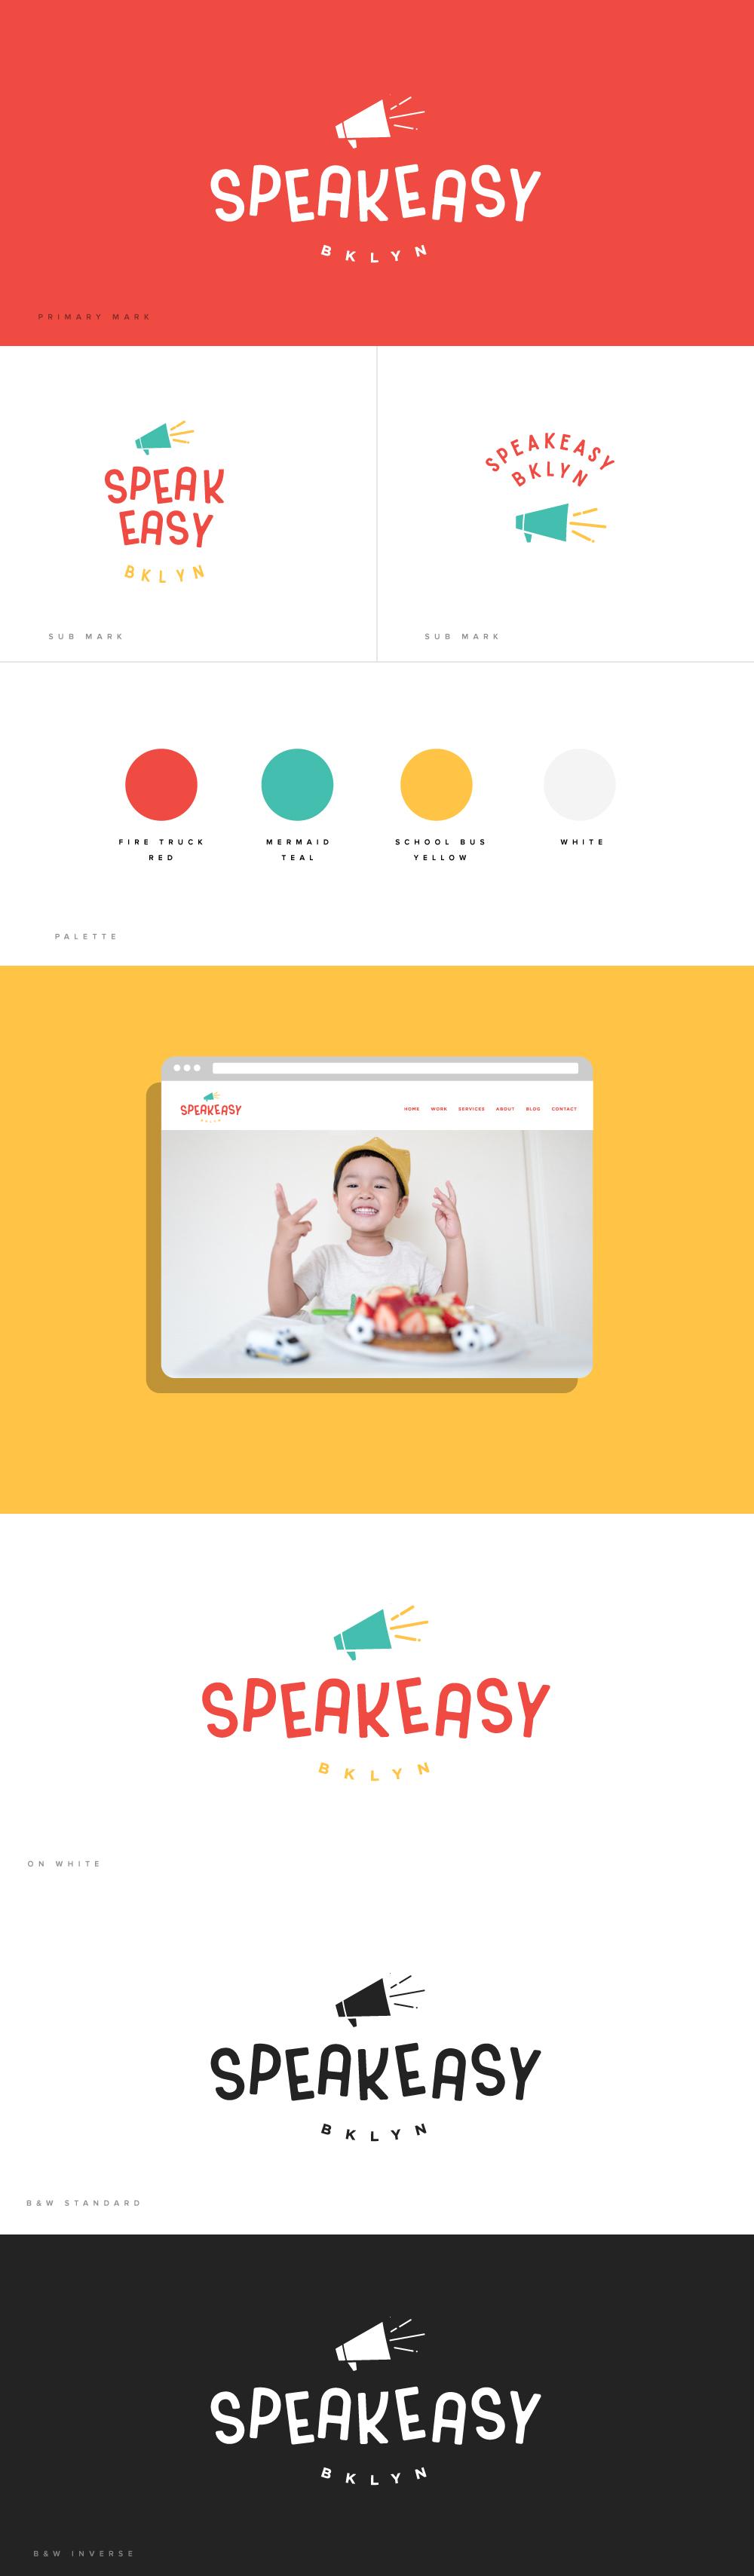 Speakeasy-Concept-3.jpg